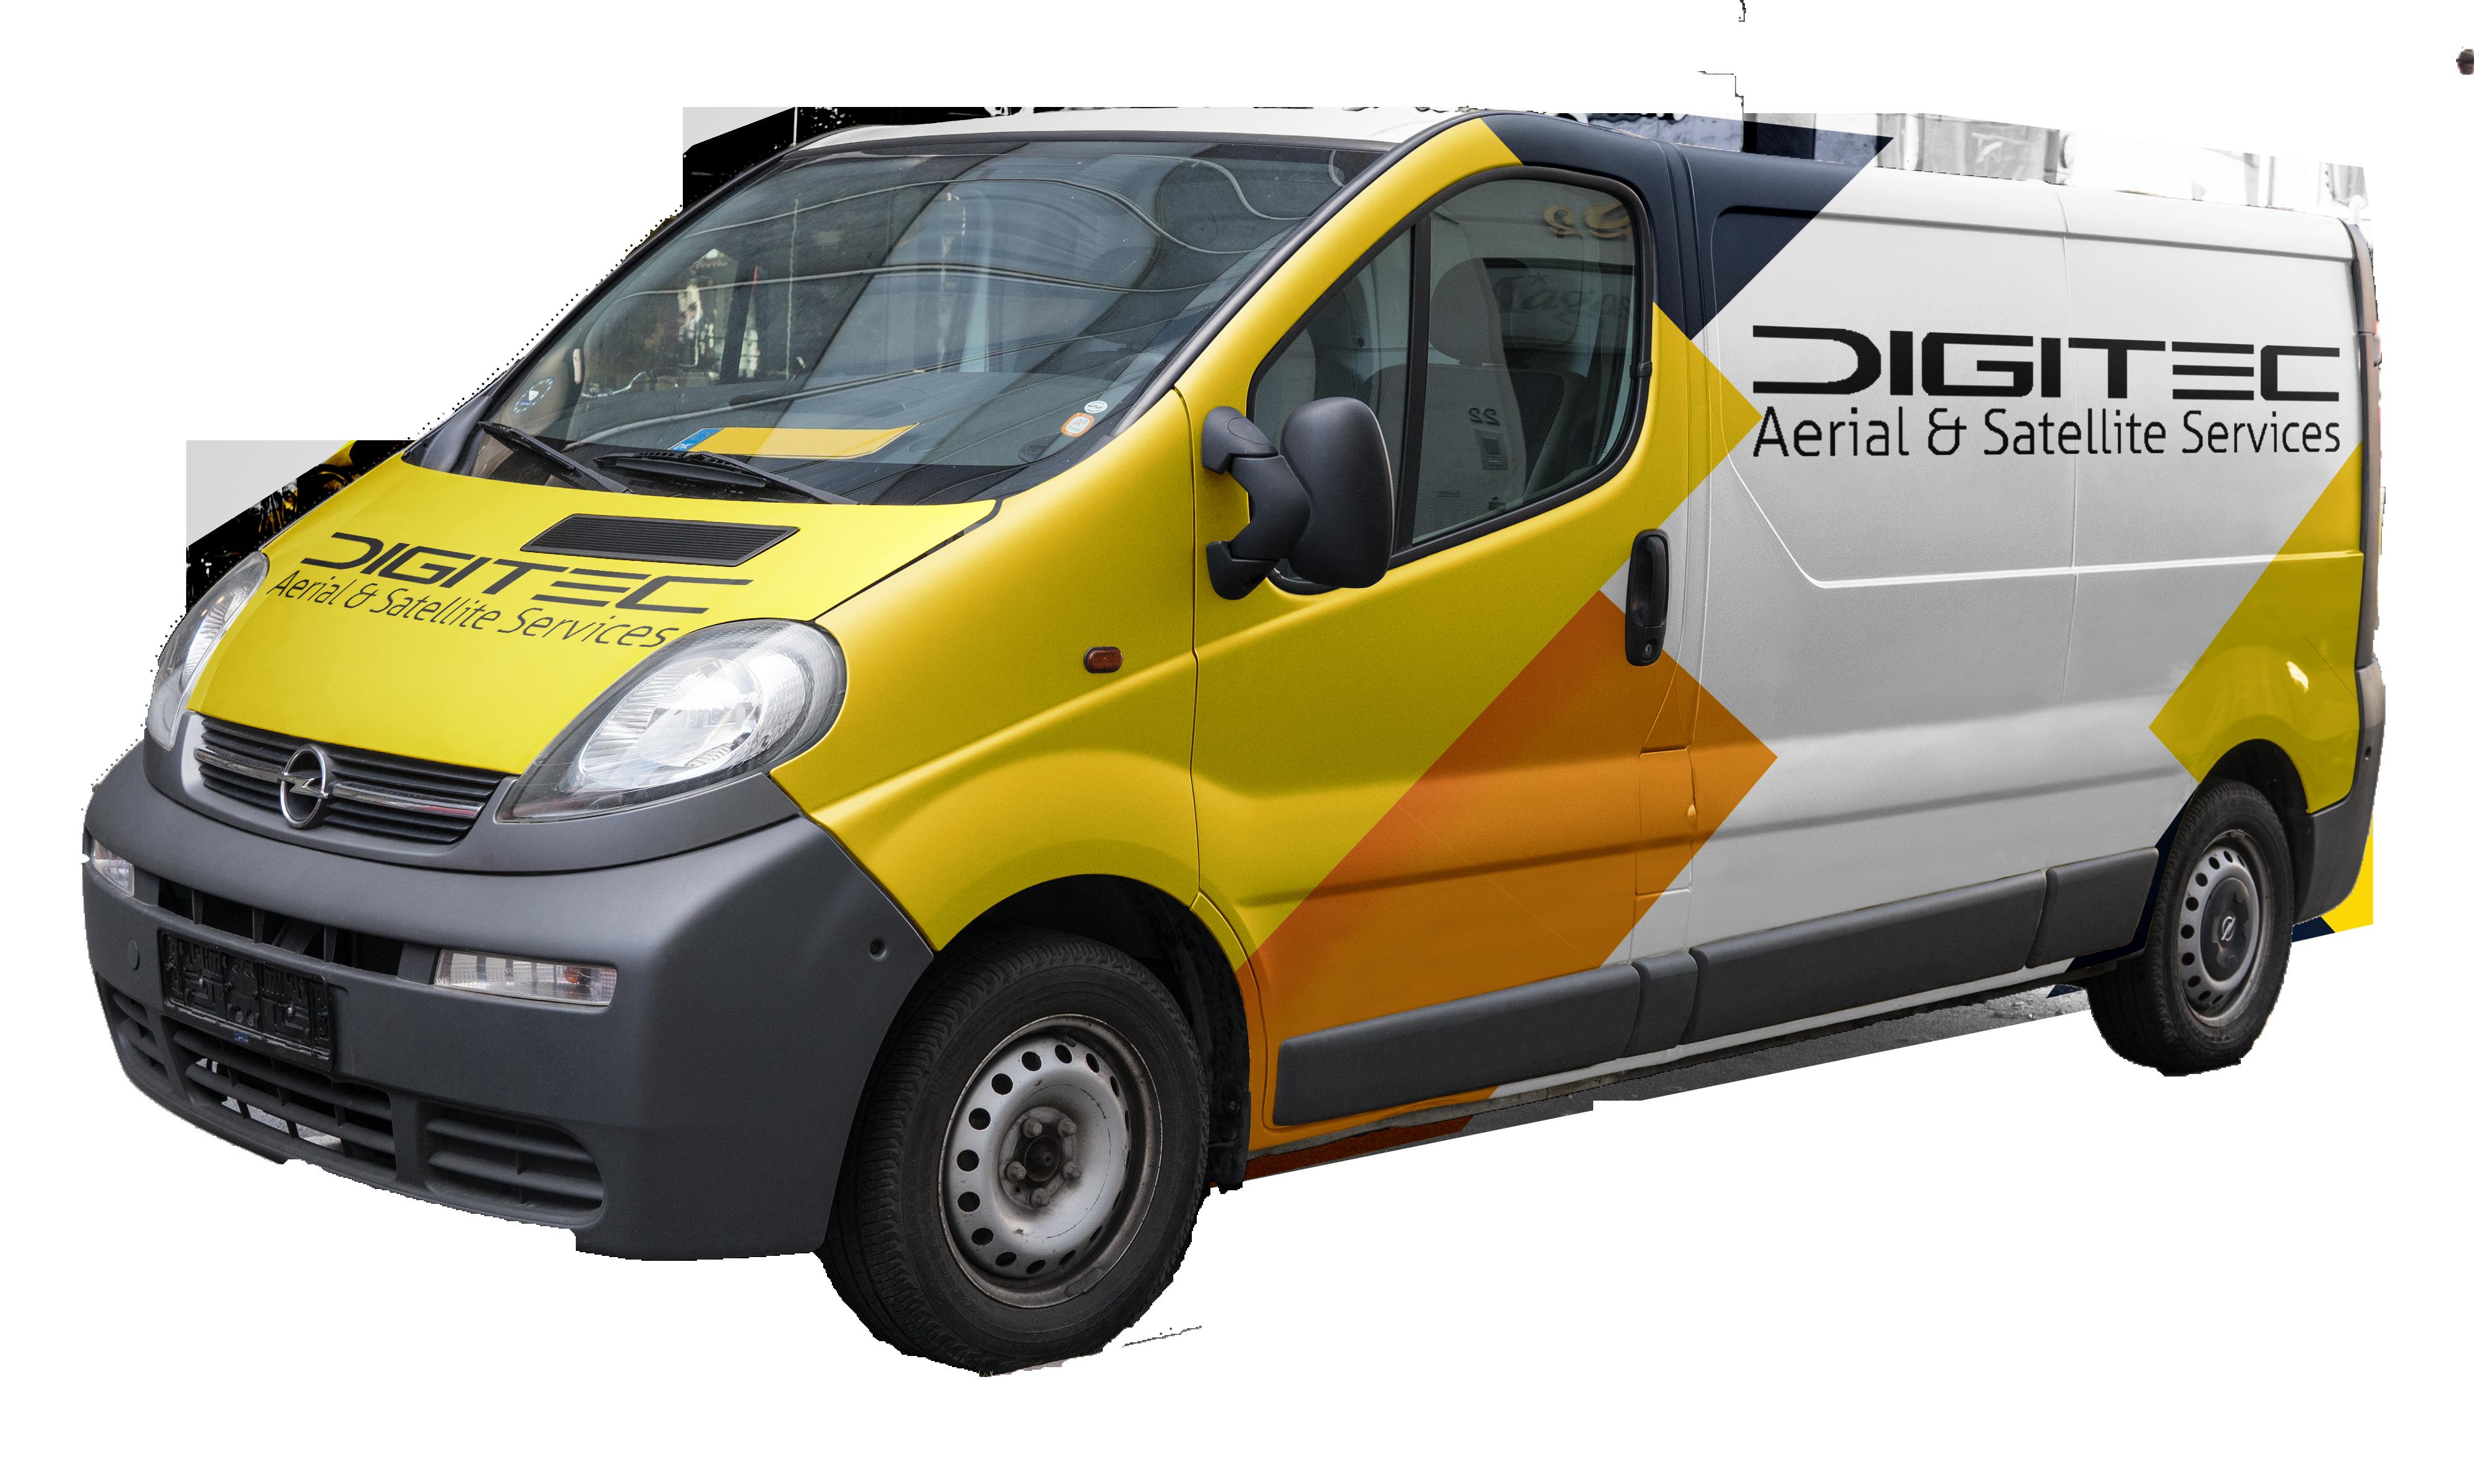 digitec aerial and satellite services